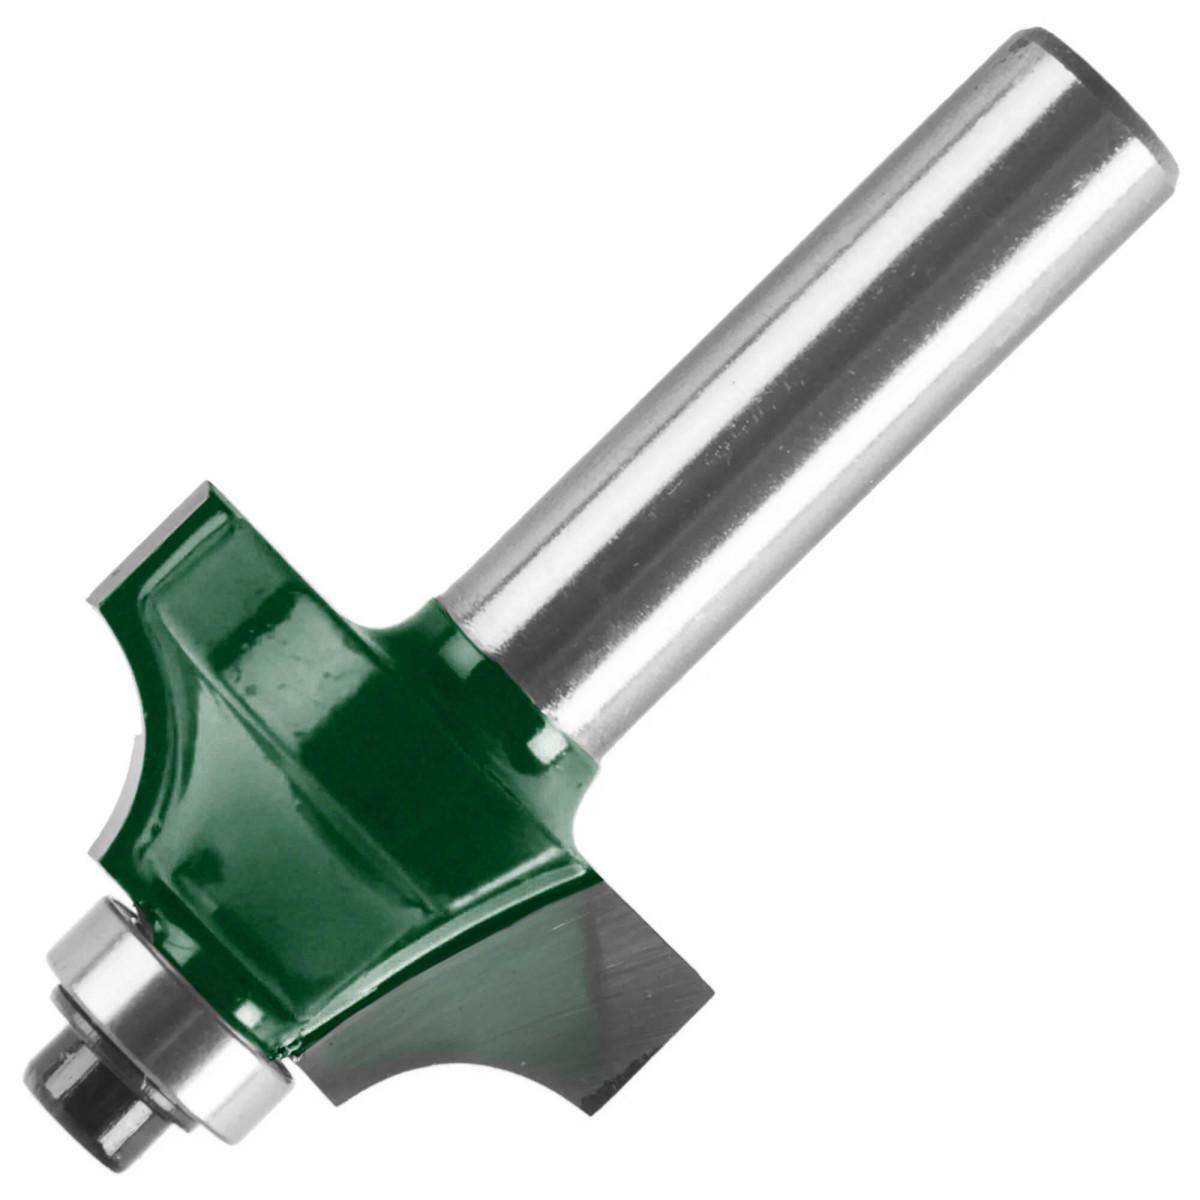 Фреза кромочная калевочная Fit 25.4x13 мм хвостовик 8 мм